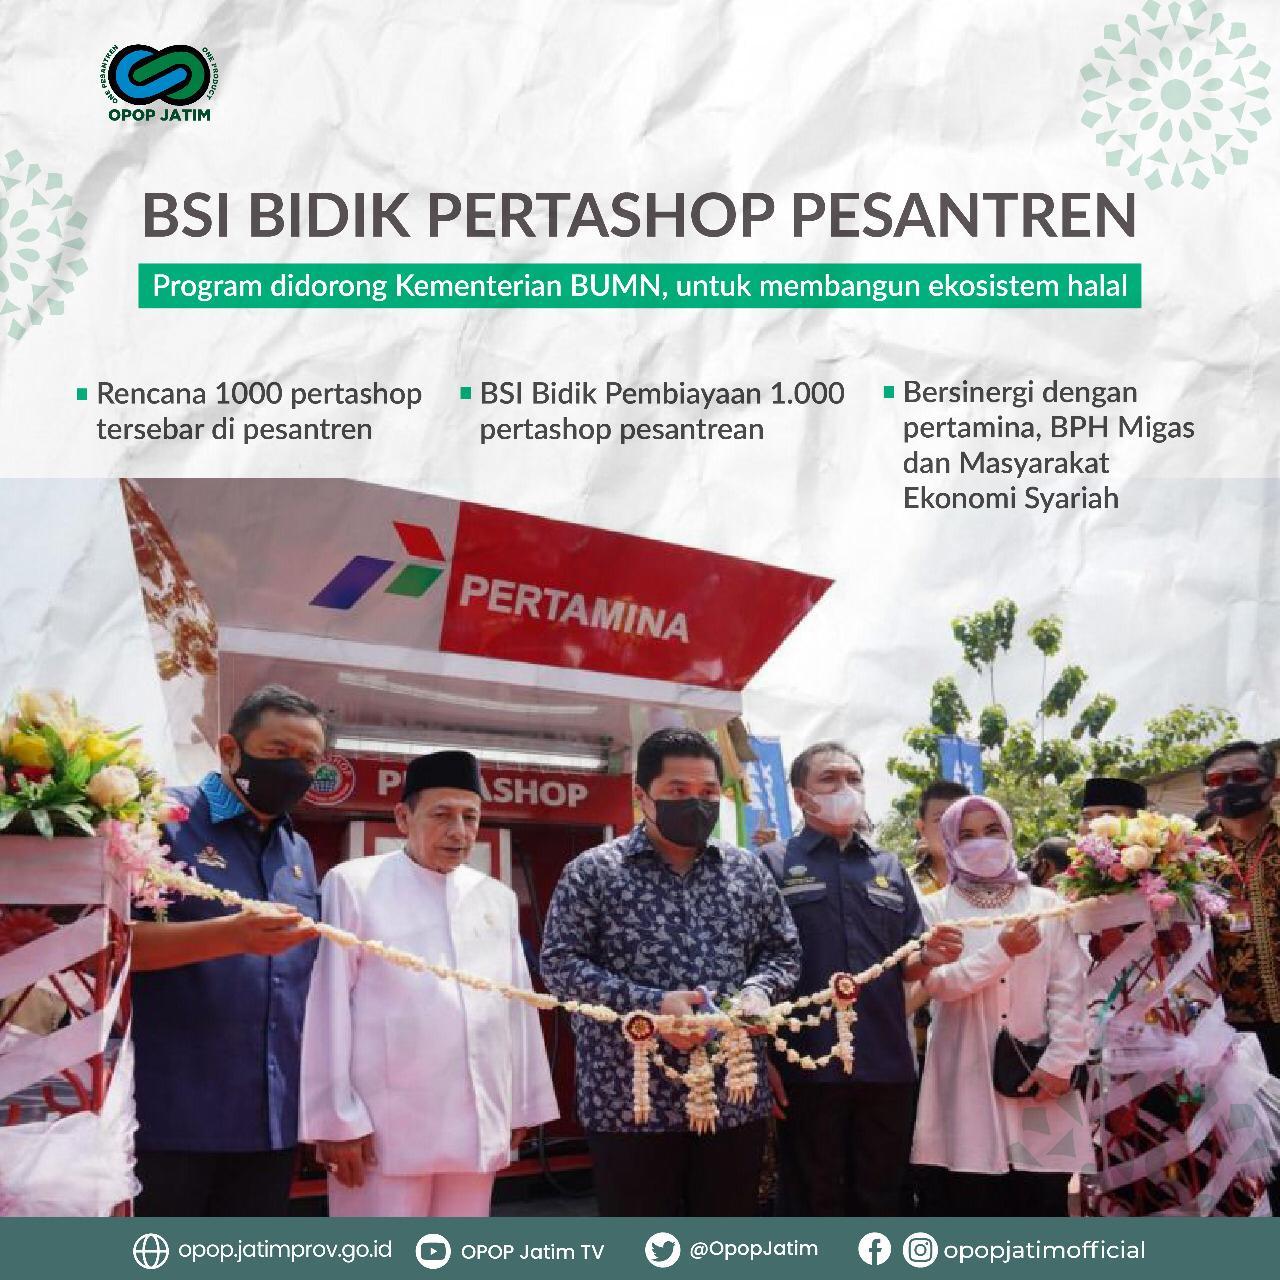 BSI Bidik Pertashop Pesantren